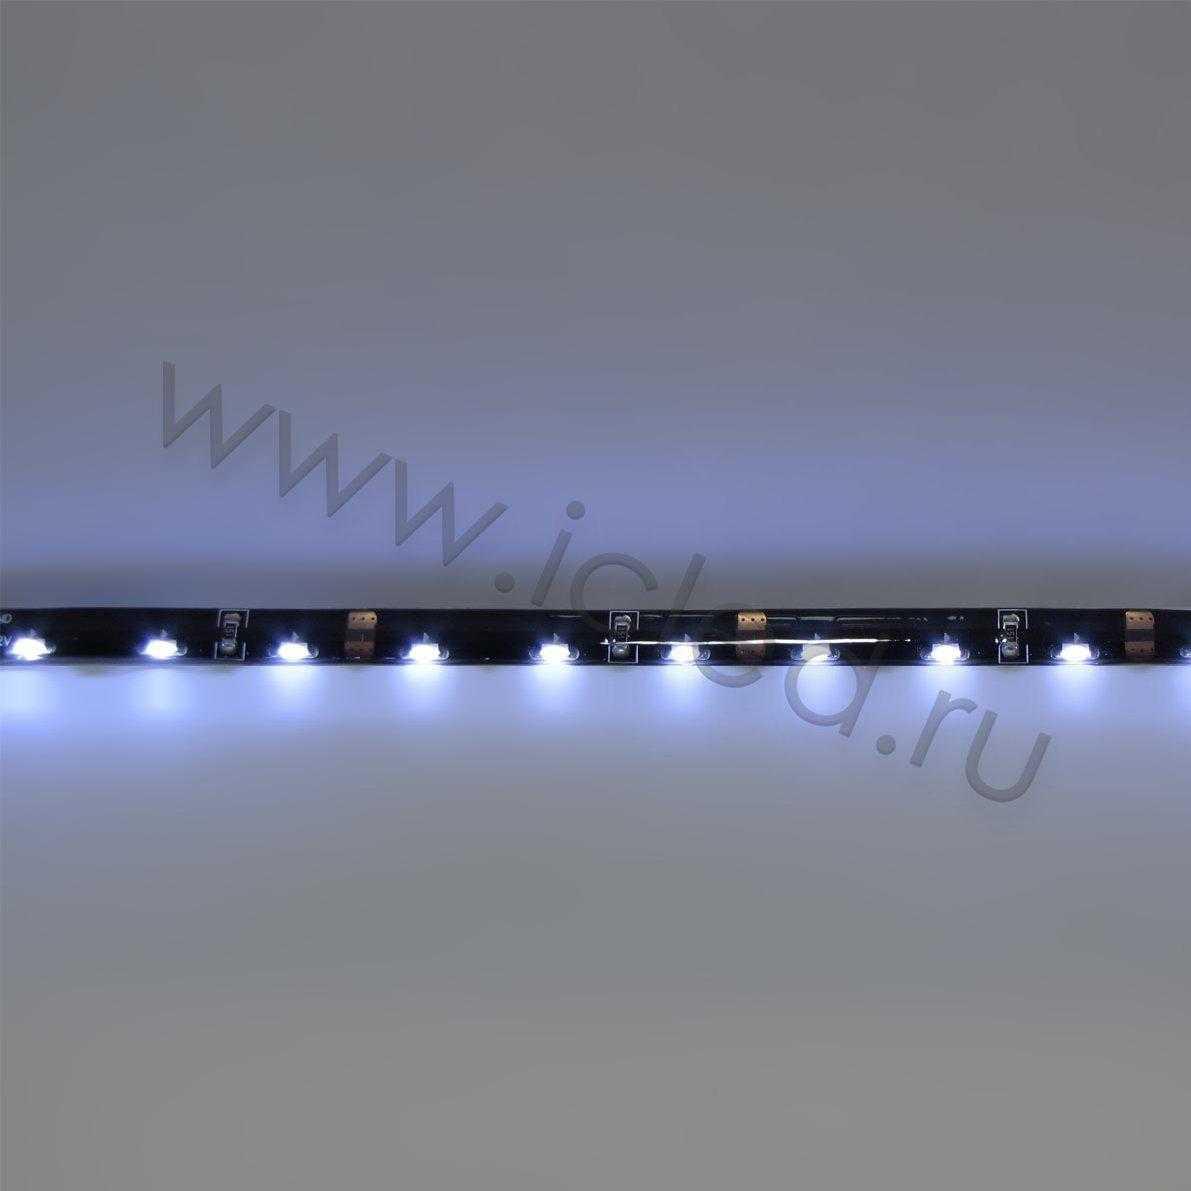 Светодиодная лента Class B, 335, 60led/m, White, 12V, IP65